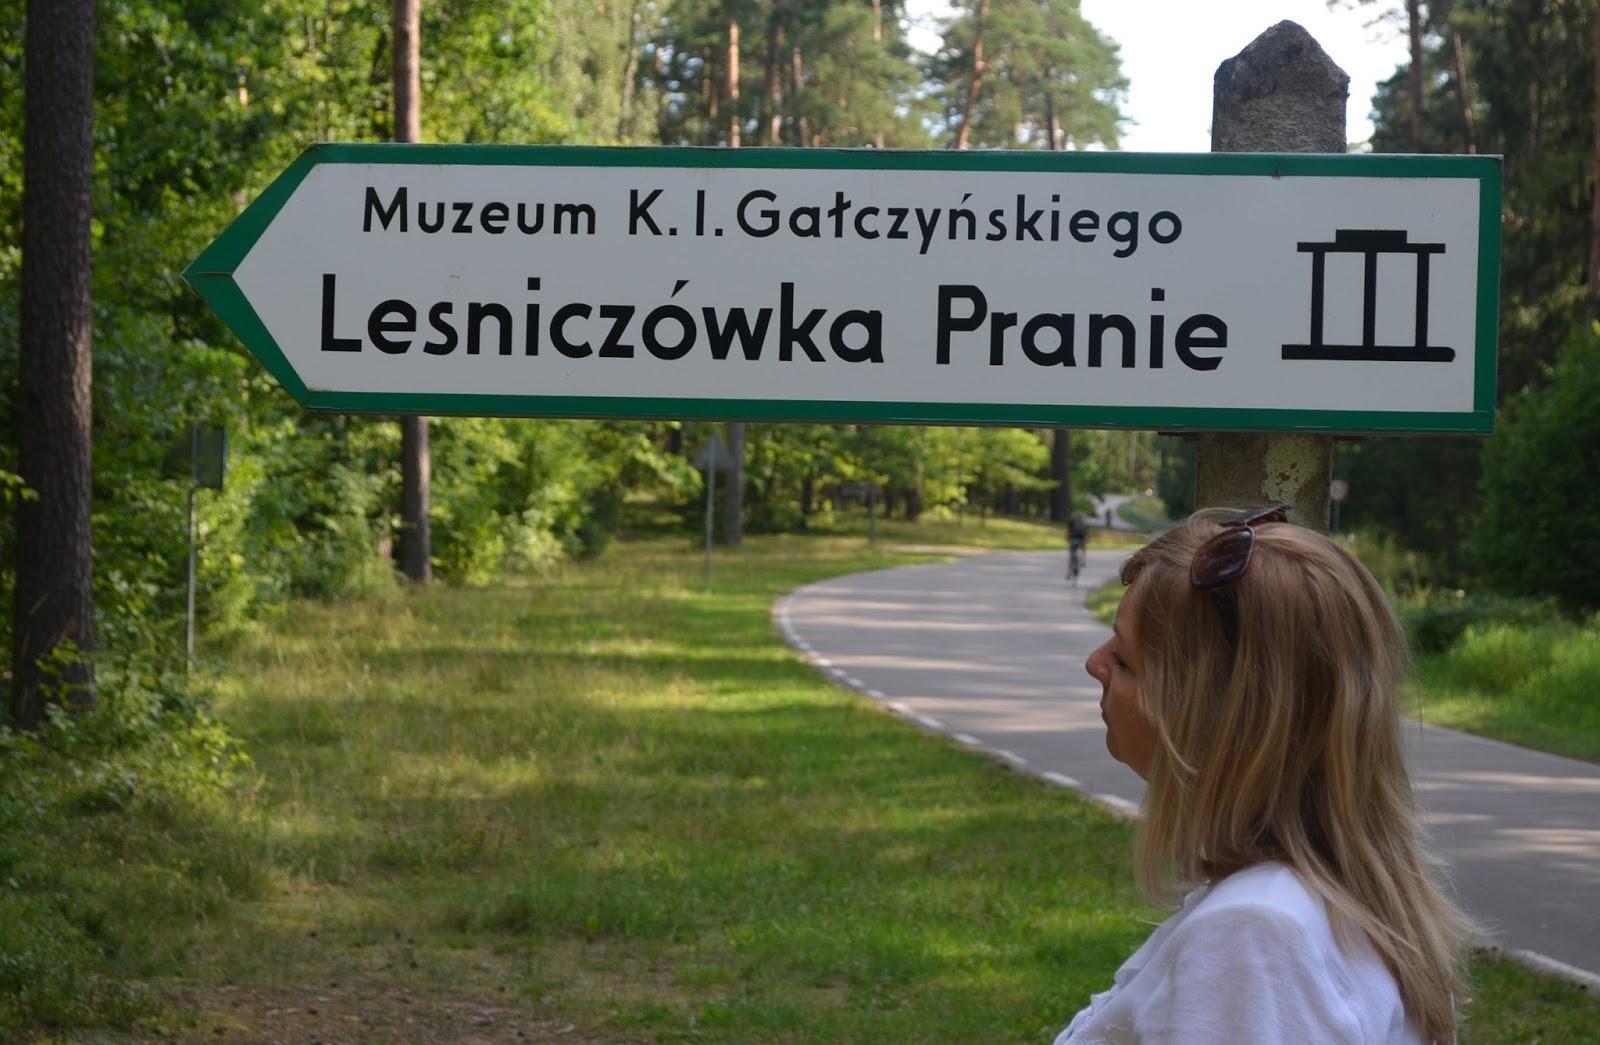 Moje Podróże Literackie Pranie Gałczyńskiego